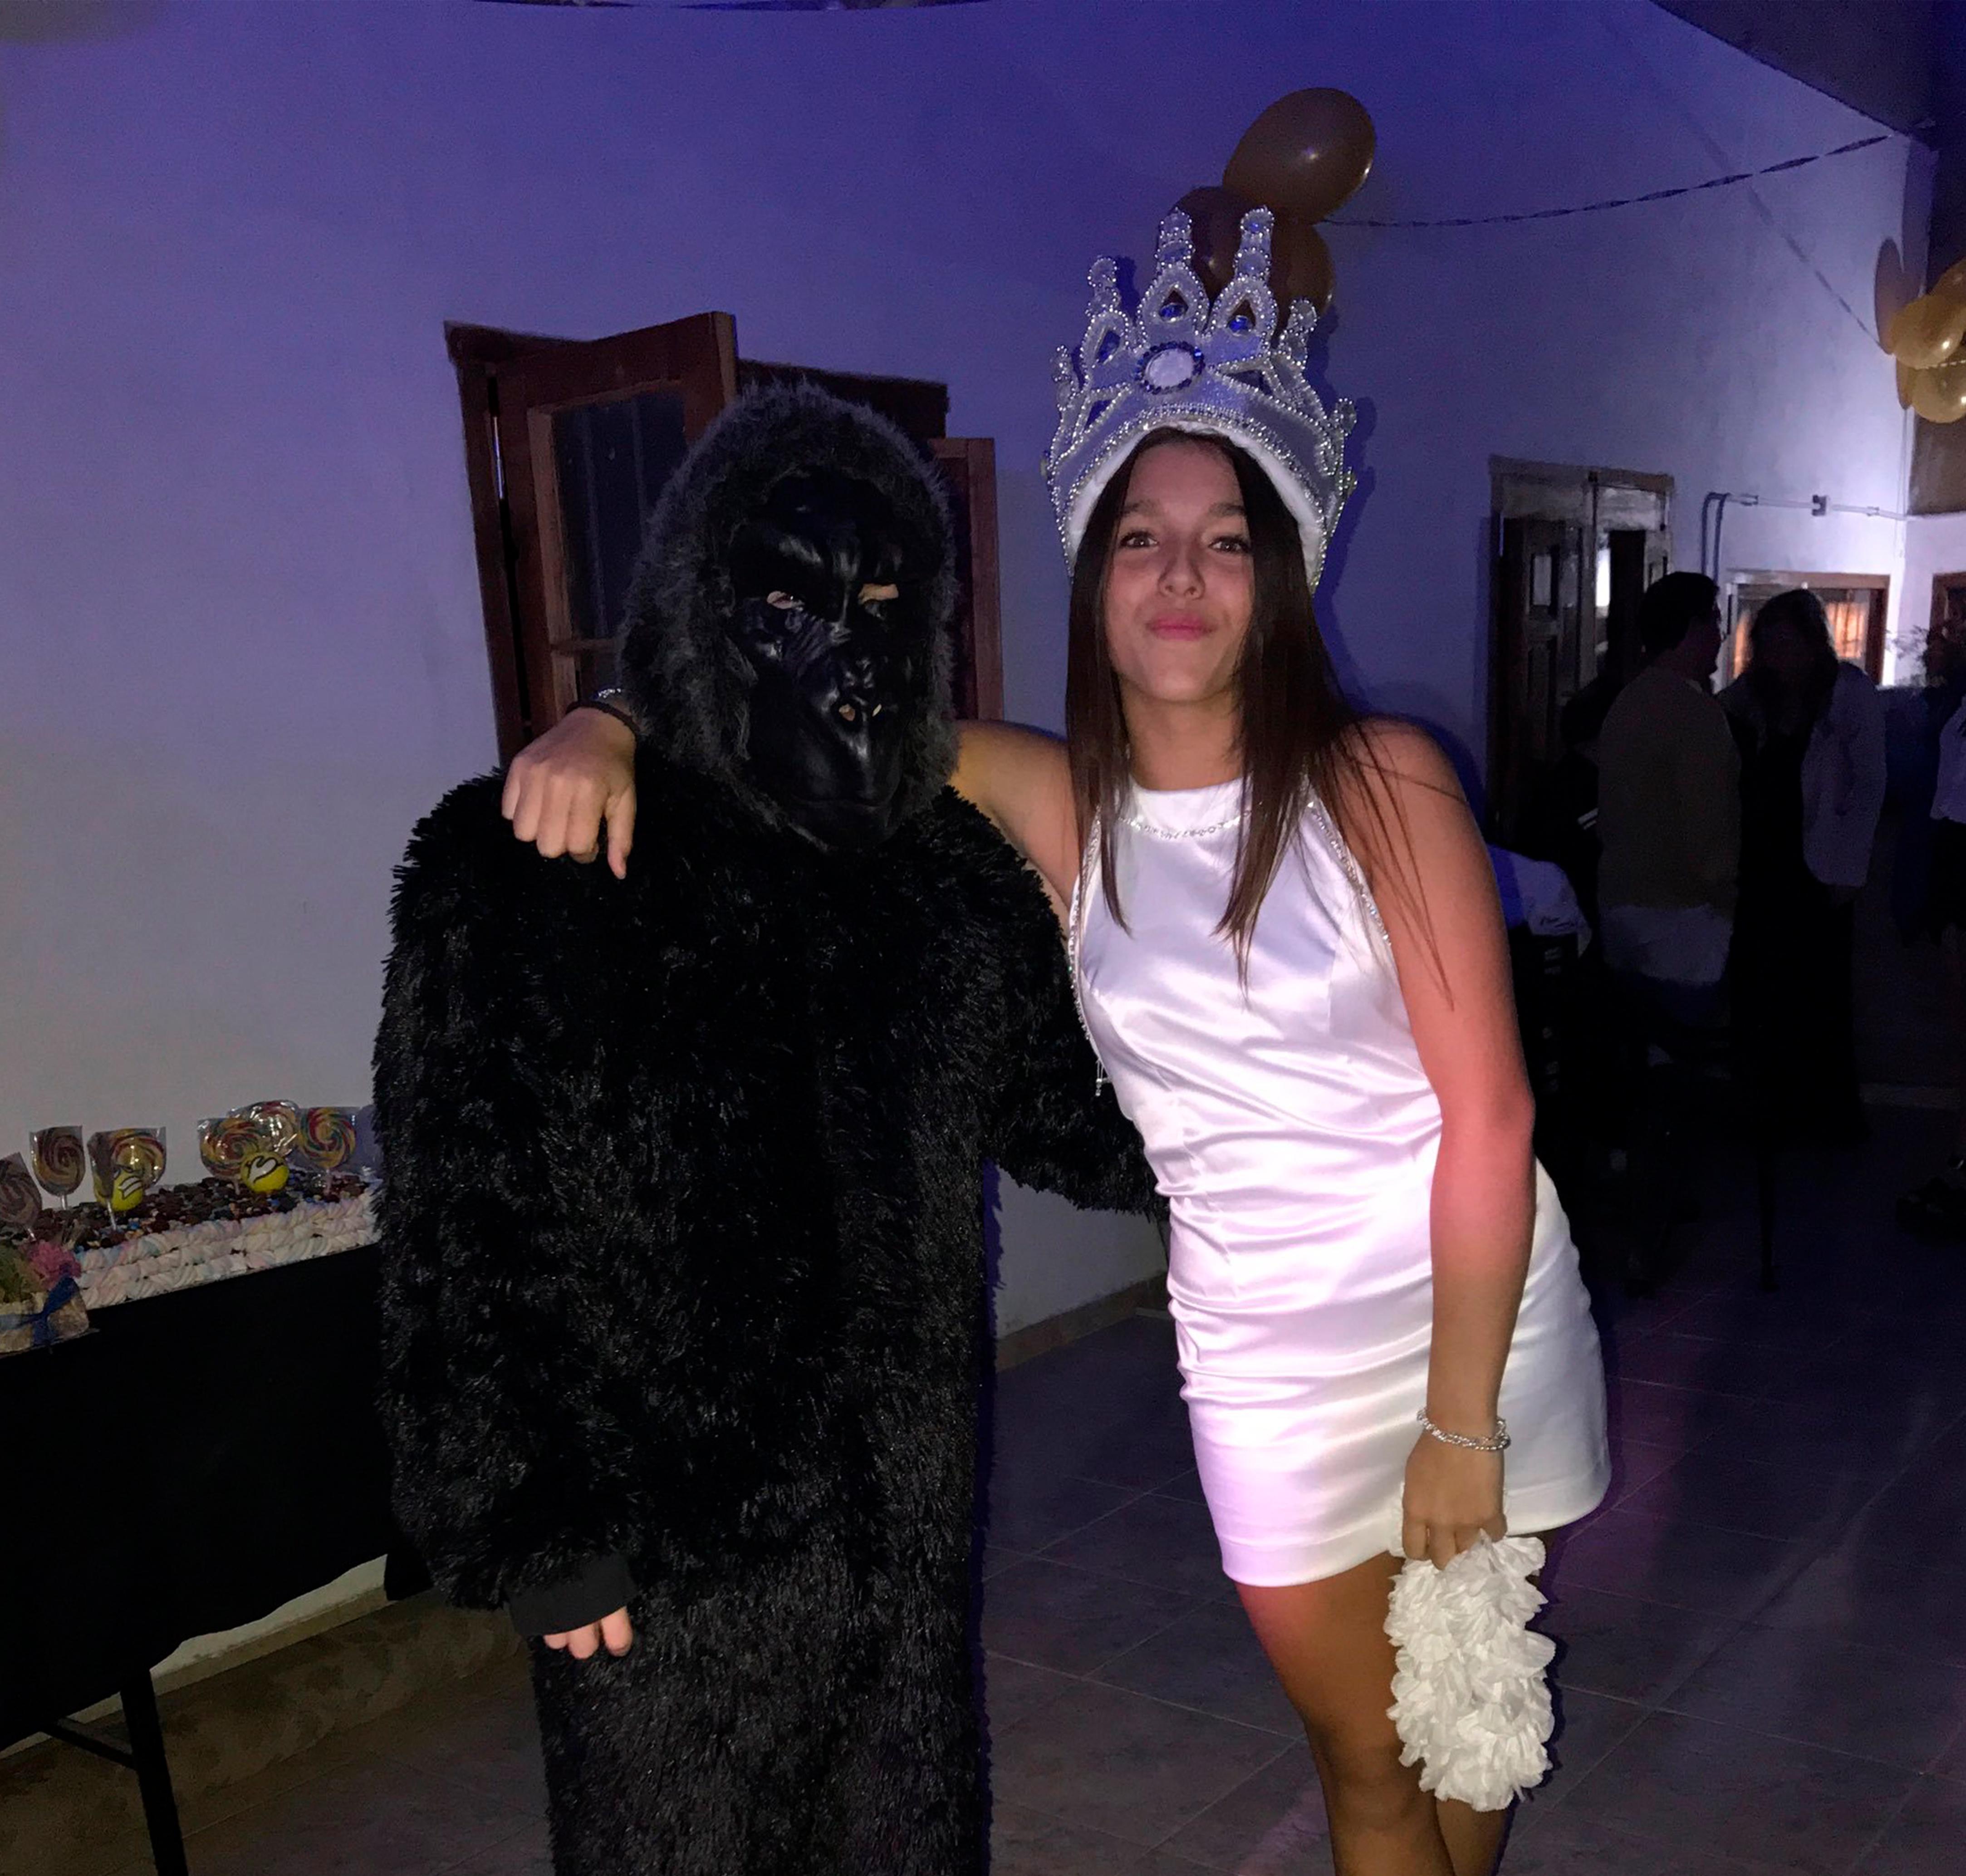 fotos-virales-15-años-chistoso